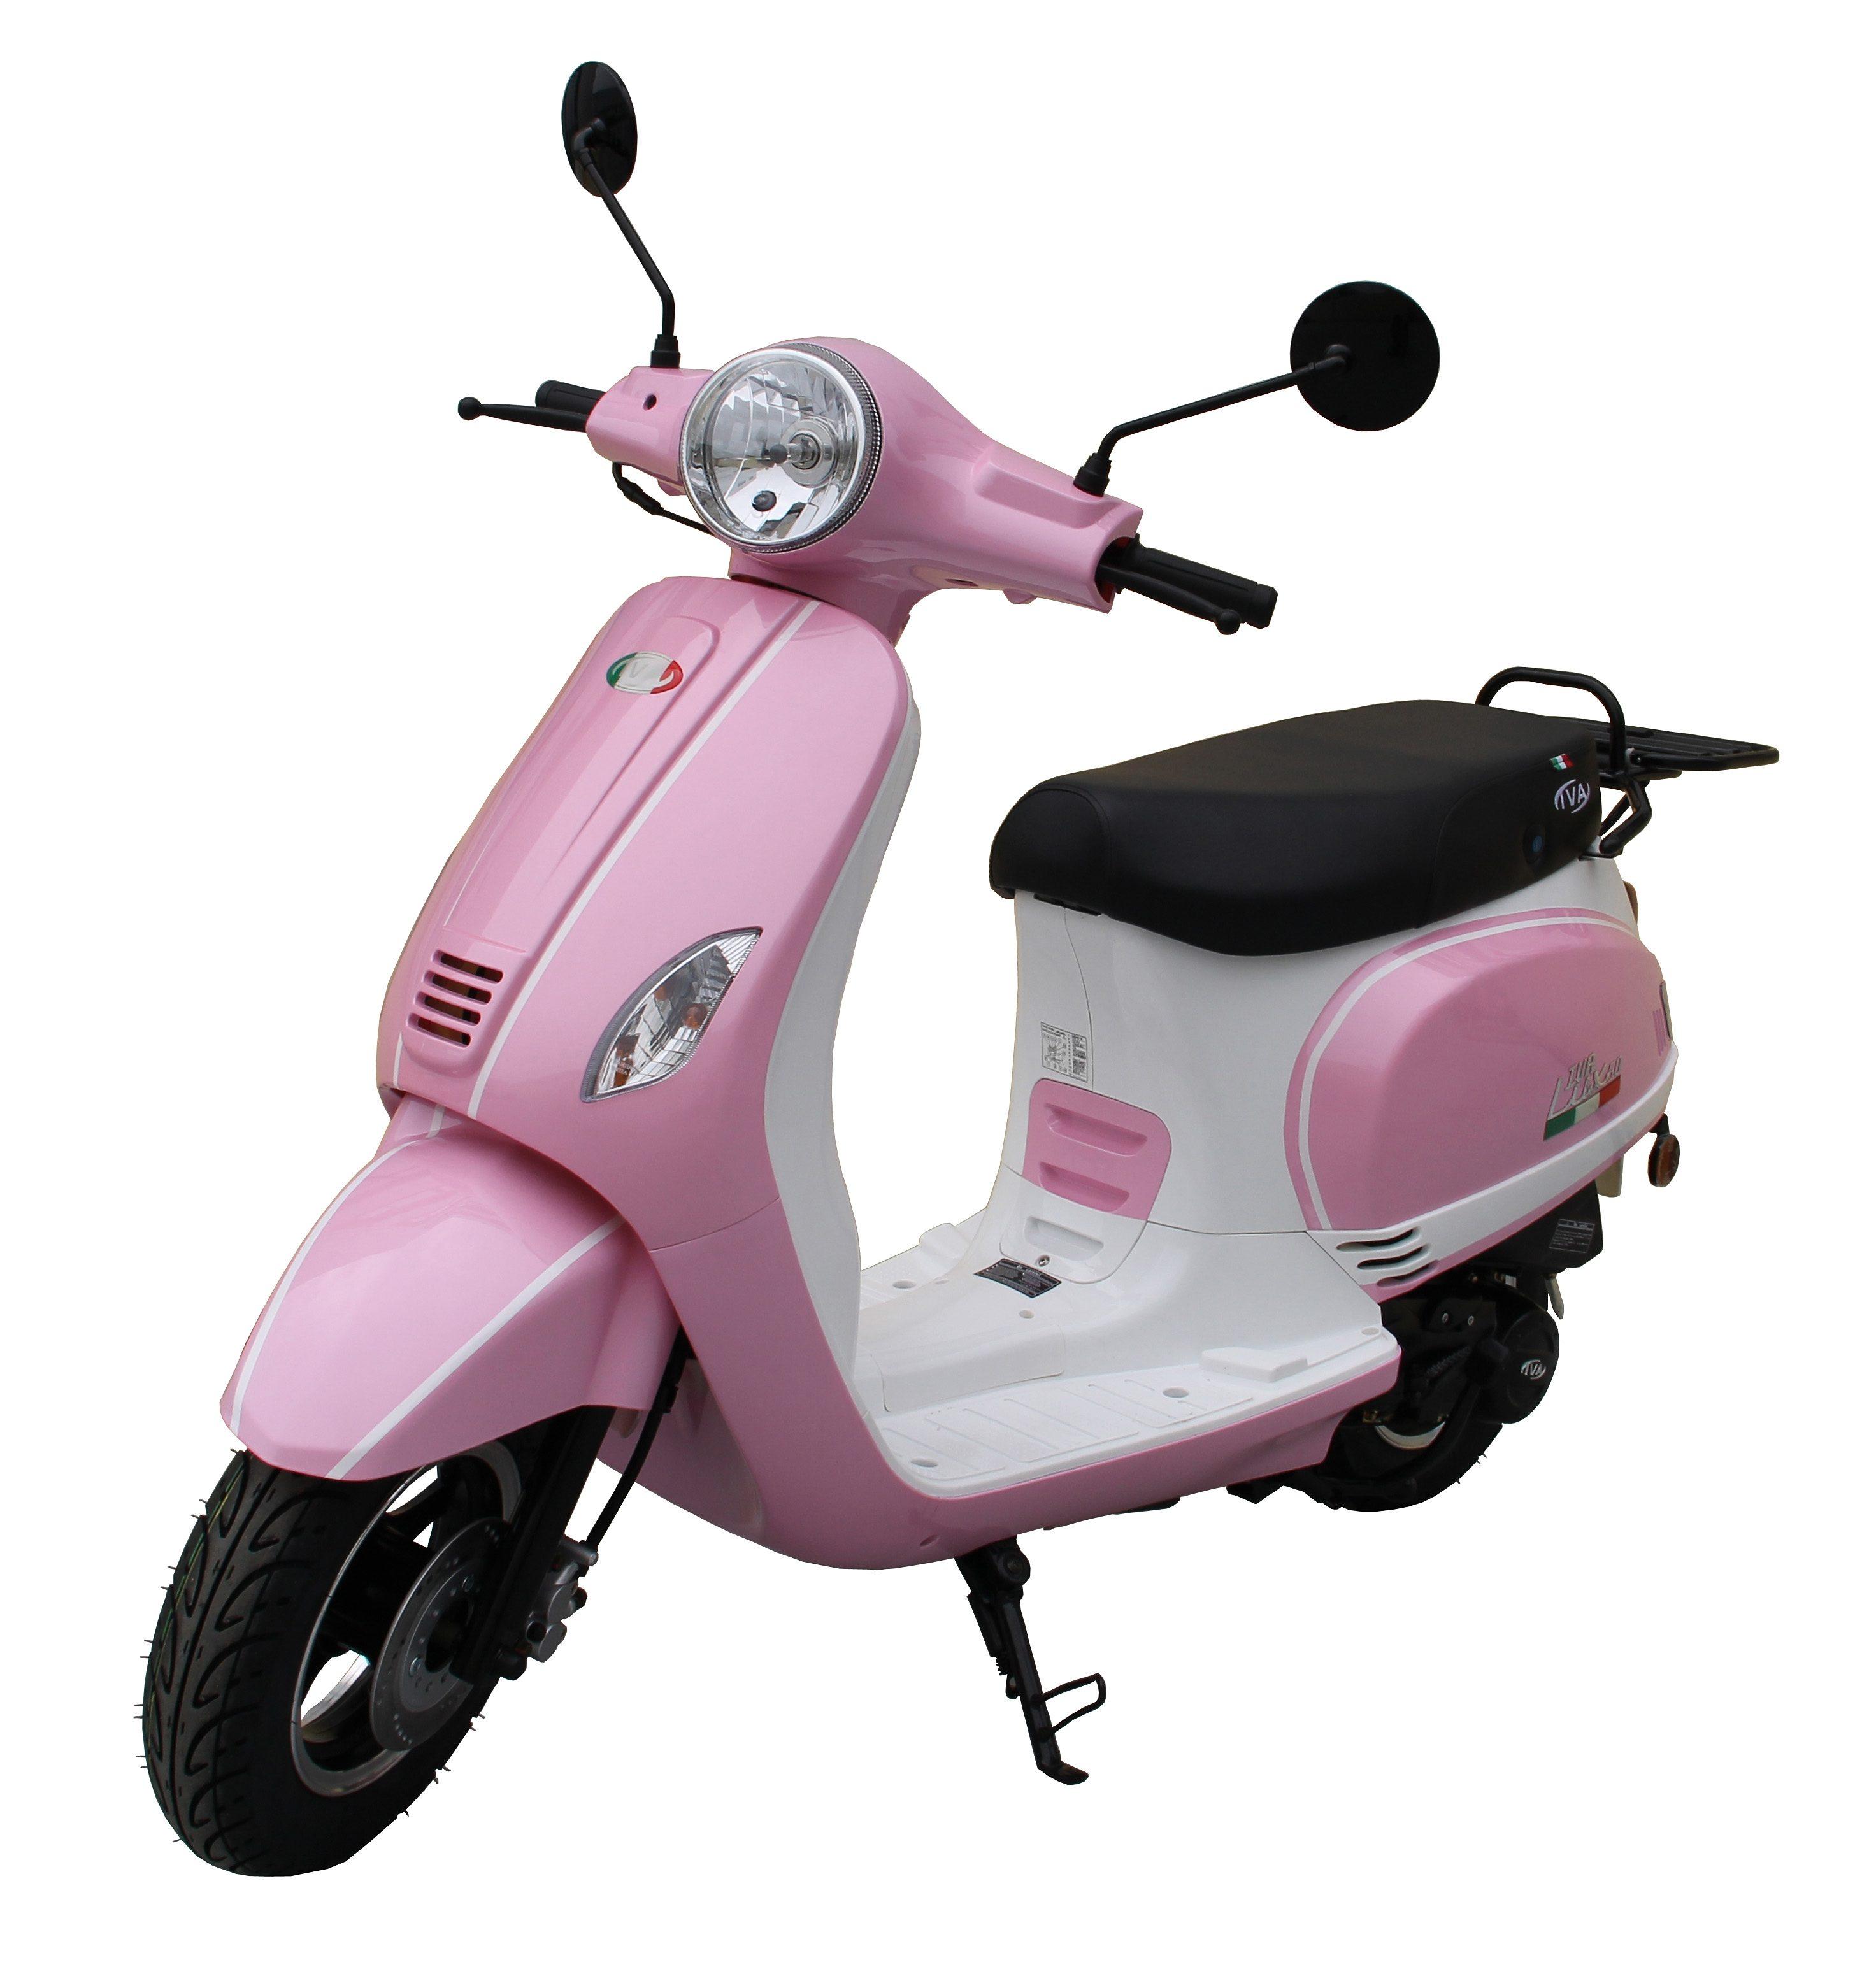 Mofaroller »LUX 50«, 50 ccm 25 km/h, für 1 Person, rosa/weiß